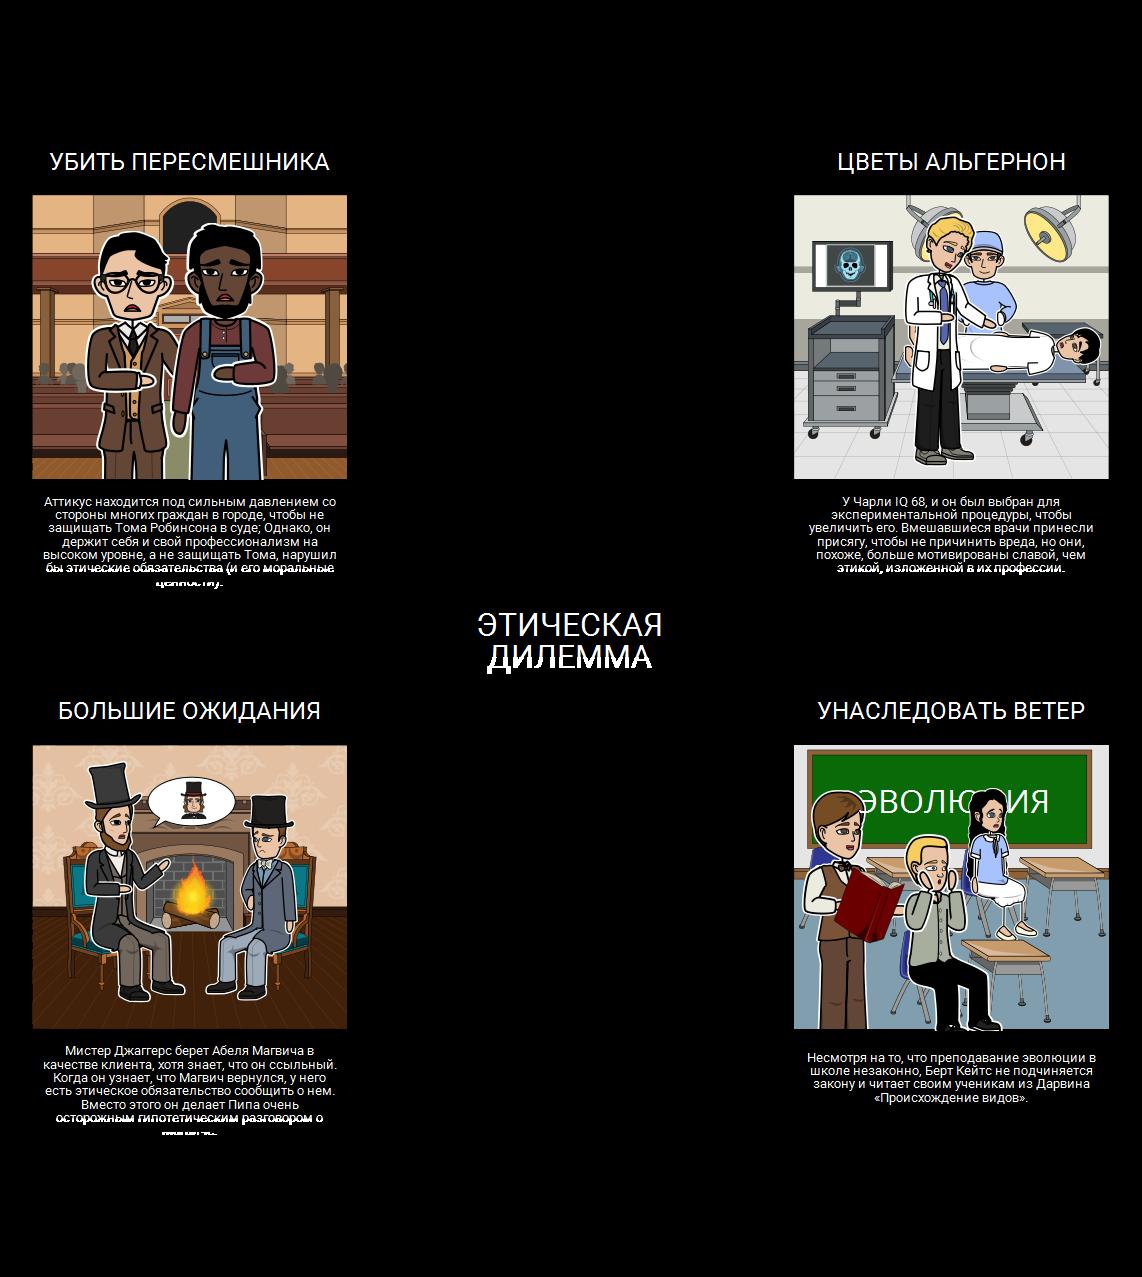 Примеры Этическими Дилеммами в Области Литературы